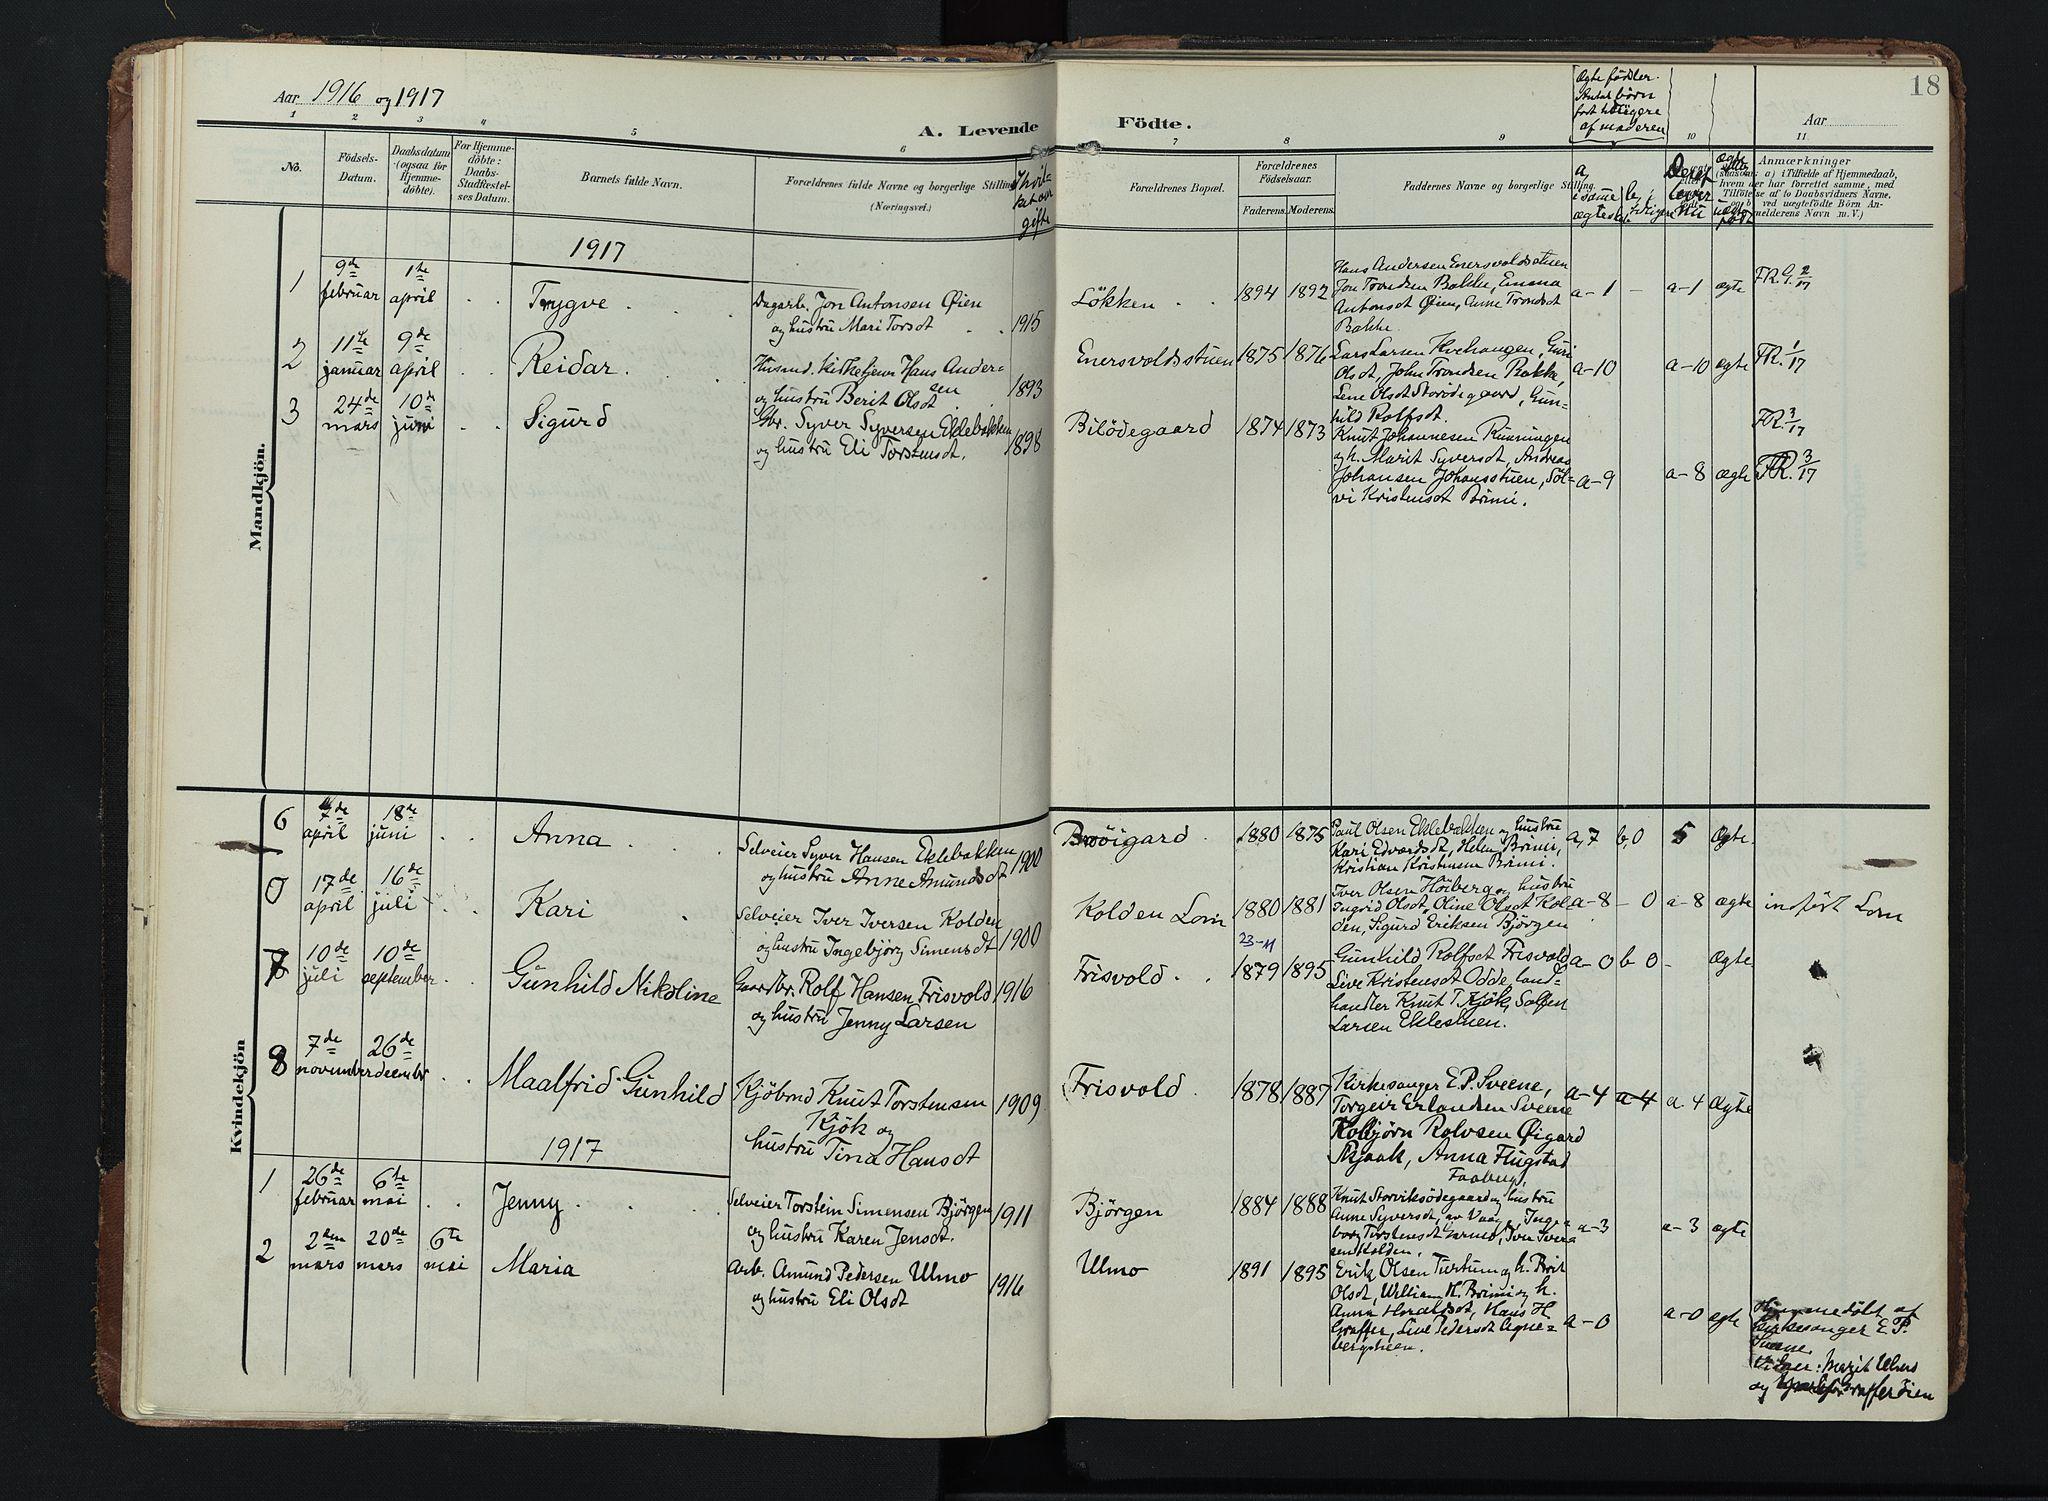 SAH, Lom prestekontor, K/L0011: Ministerialbok nr. 11, 1904-1928, s. 18